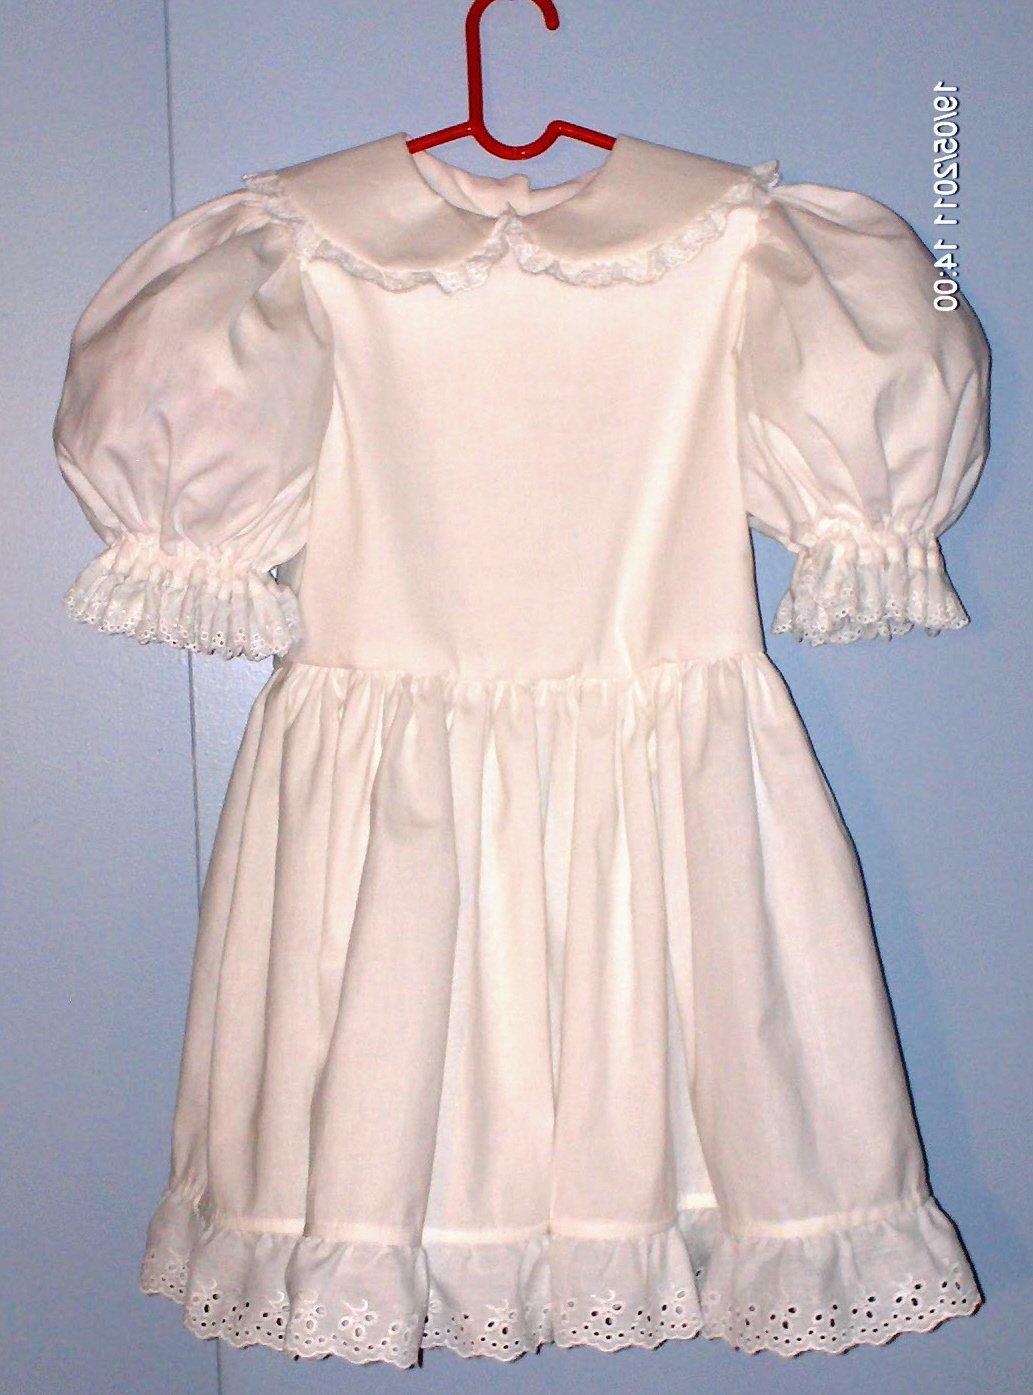 Fancy Petti Dress